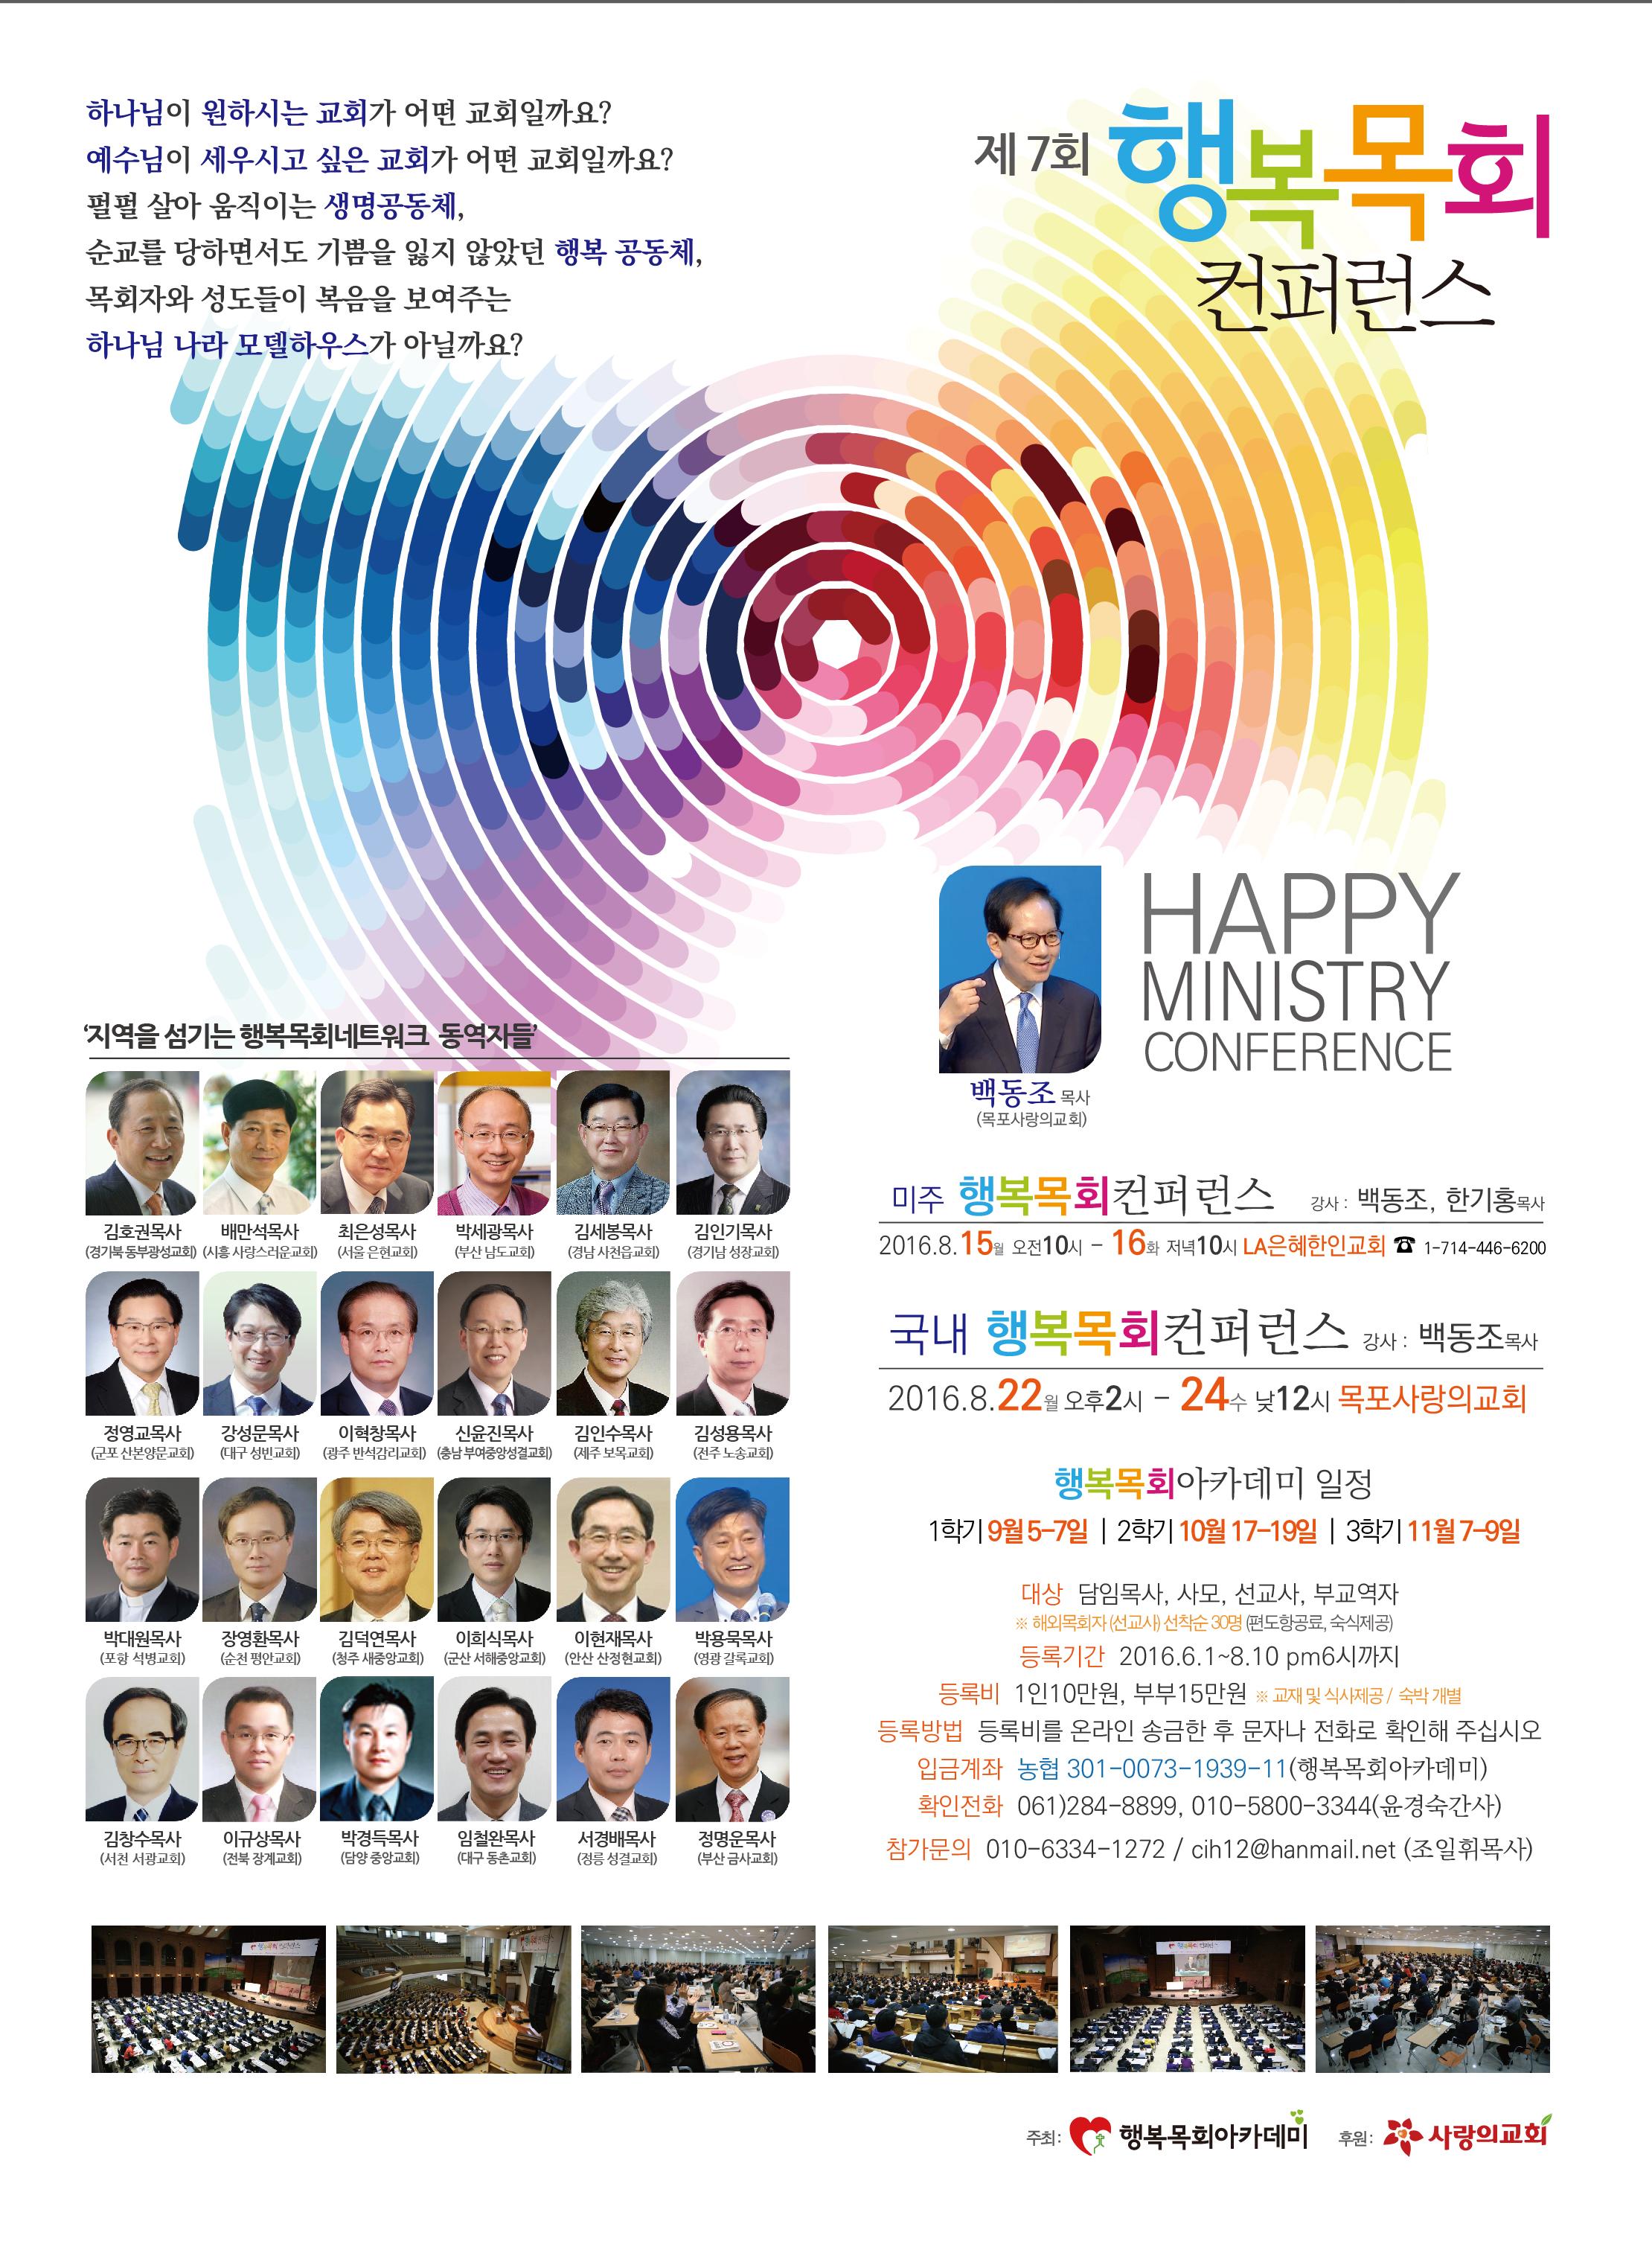 제7회 2016행복목회컨퍼런스 광고.jpg